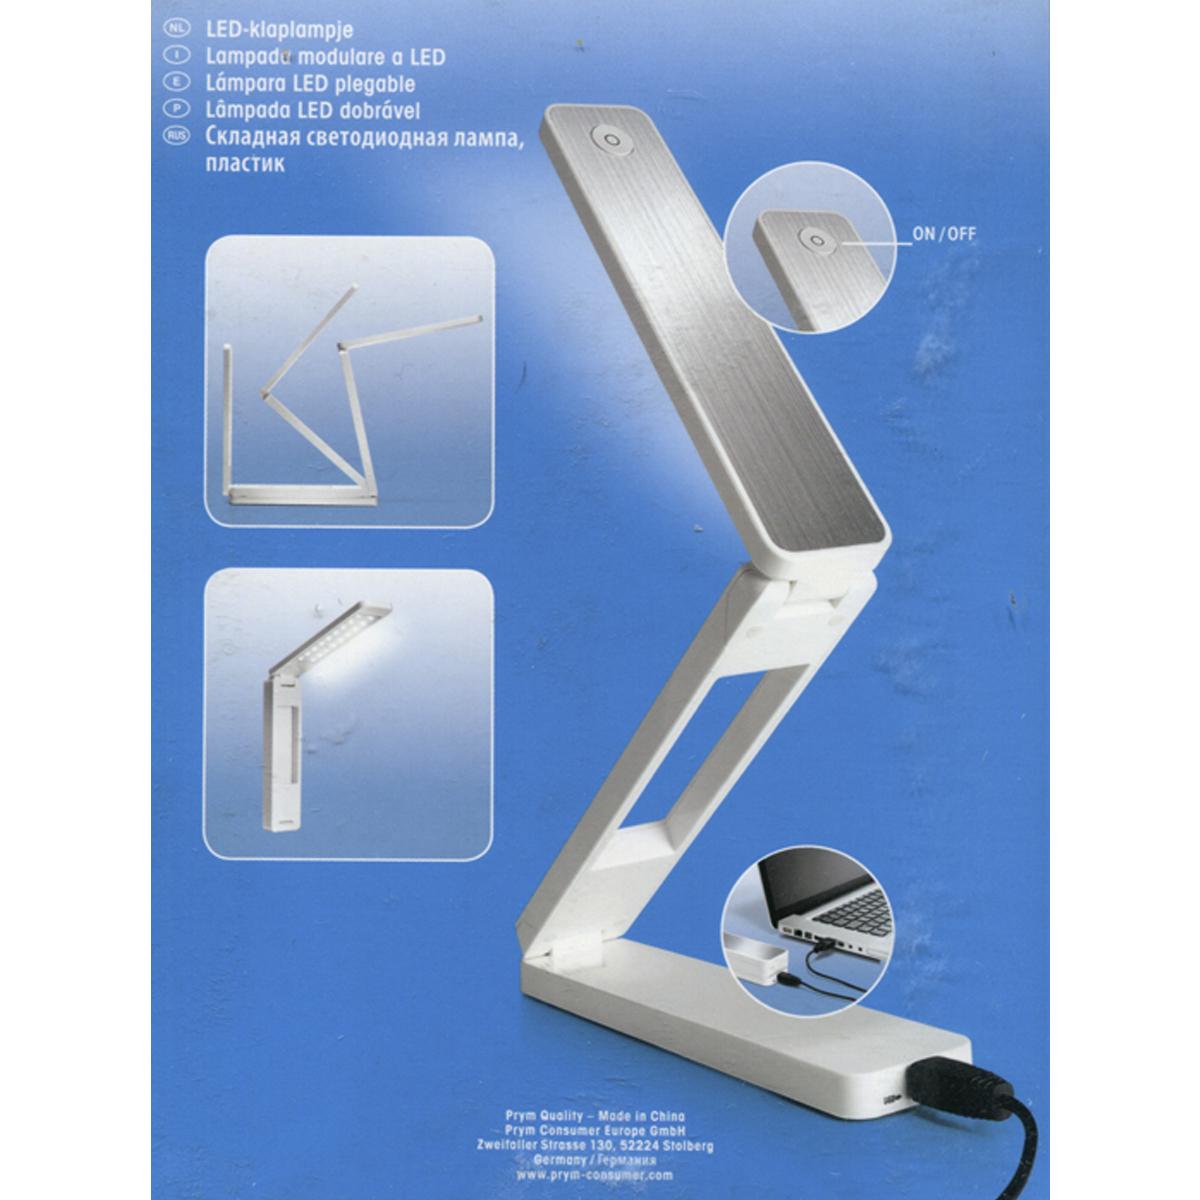 """Светодиодная лампа """"Prym"""" представляет собой перезаряжаемую яркую лампу с  18 светодиодами в пластиковом корпусе, складывающемся до плоского состояния.  На изделии имеется клеевая поверхность, с помощью которой можно установить  лампу на вертикальную плоскость.  Светодиодная лампа """"Prym"""" оснащена двумя режимами яркости.  Размер в сложенном состоянии: 18 х 4 х 3 см."""